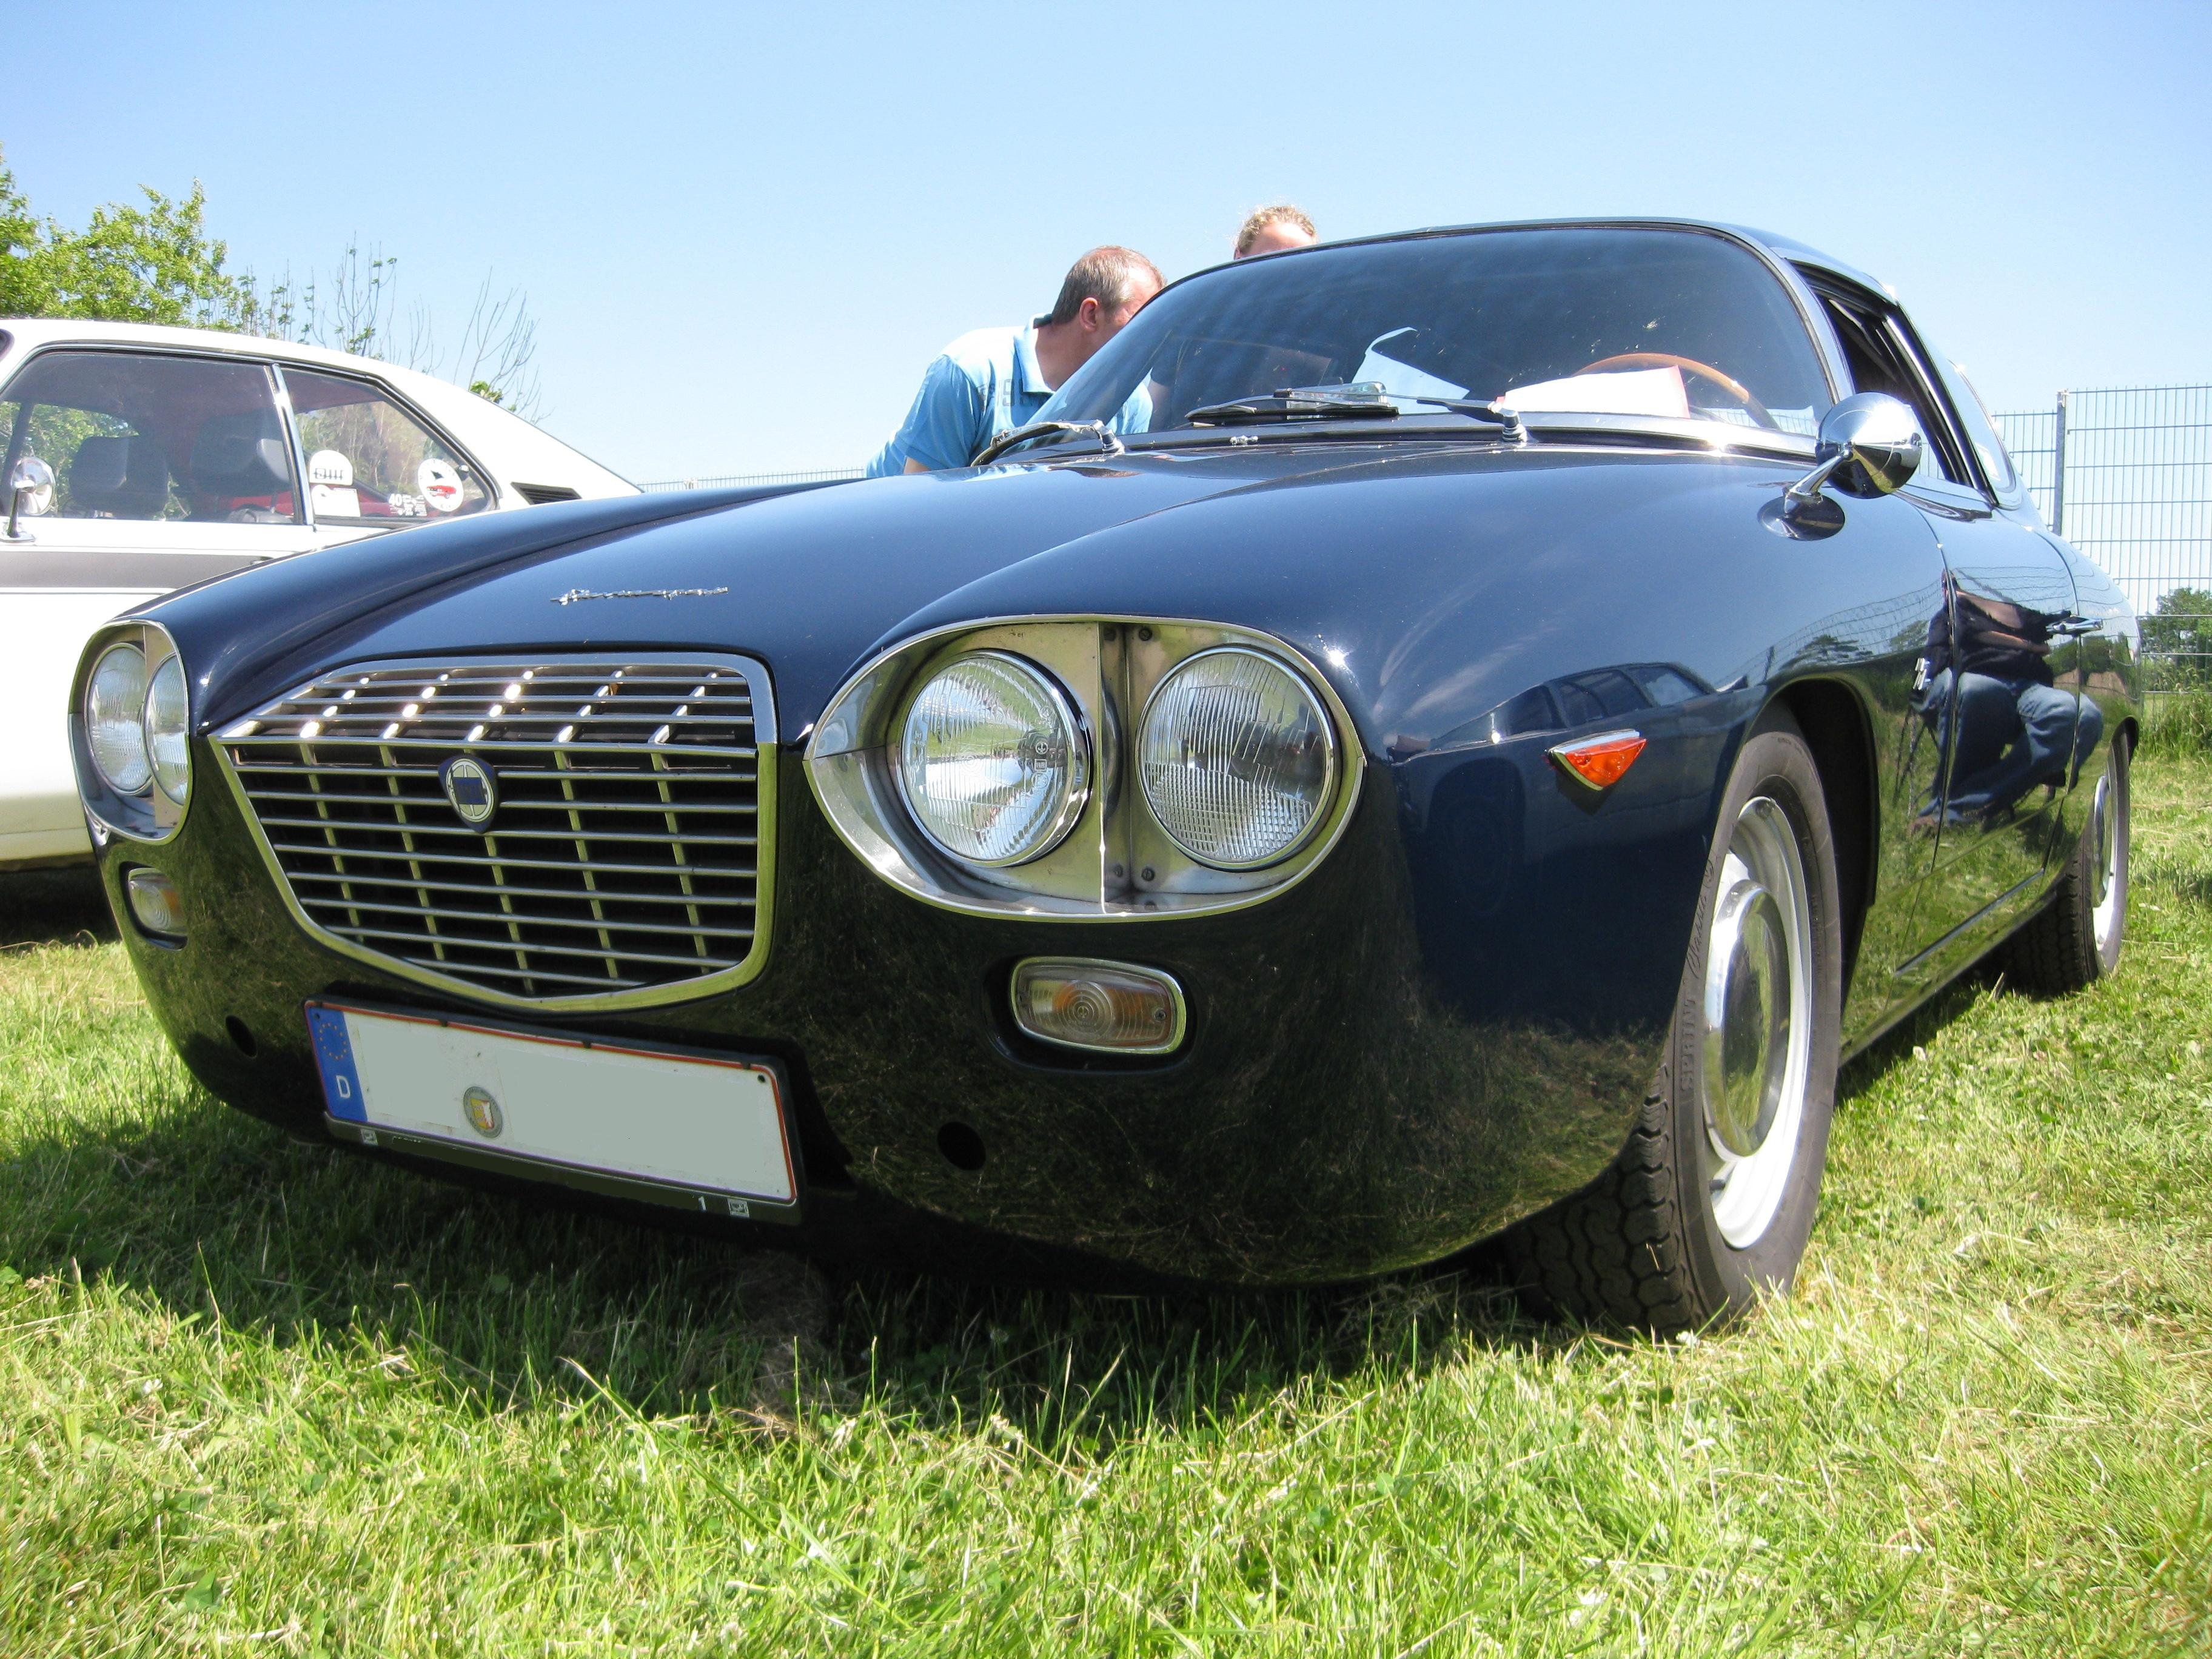 Lancia Flavia Annunci Gratuiti Con Foto Lustybunny Baby Shoes Ps 9535 21 Cokelat Tua